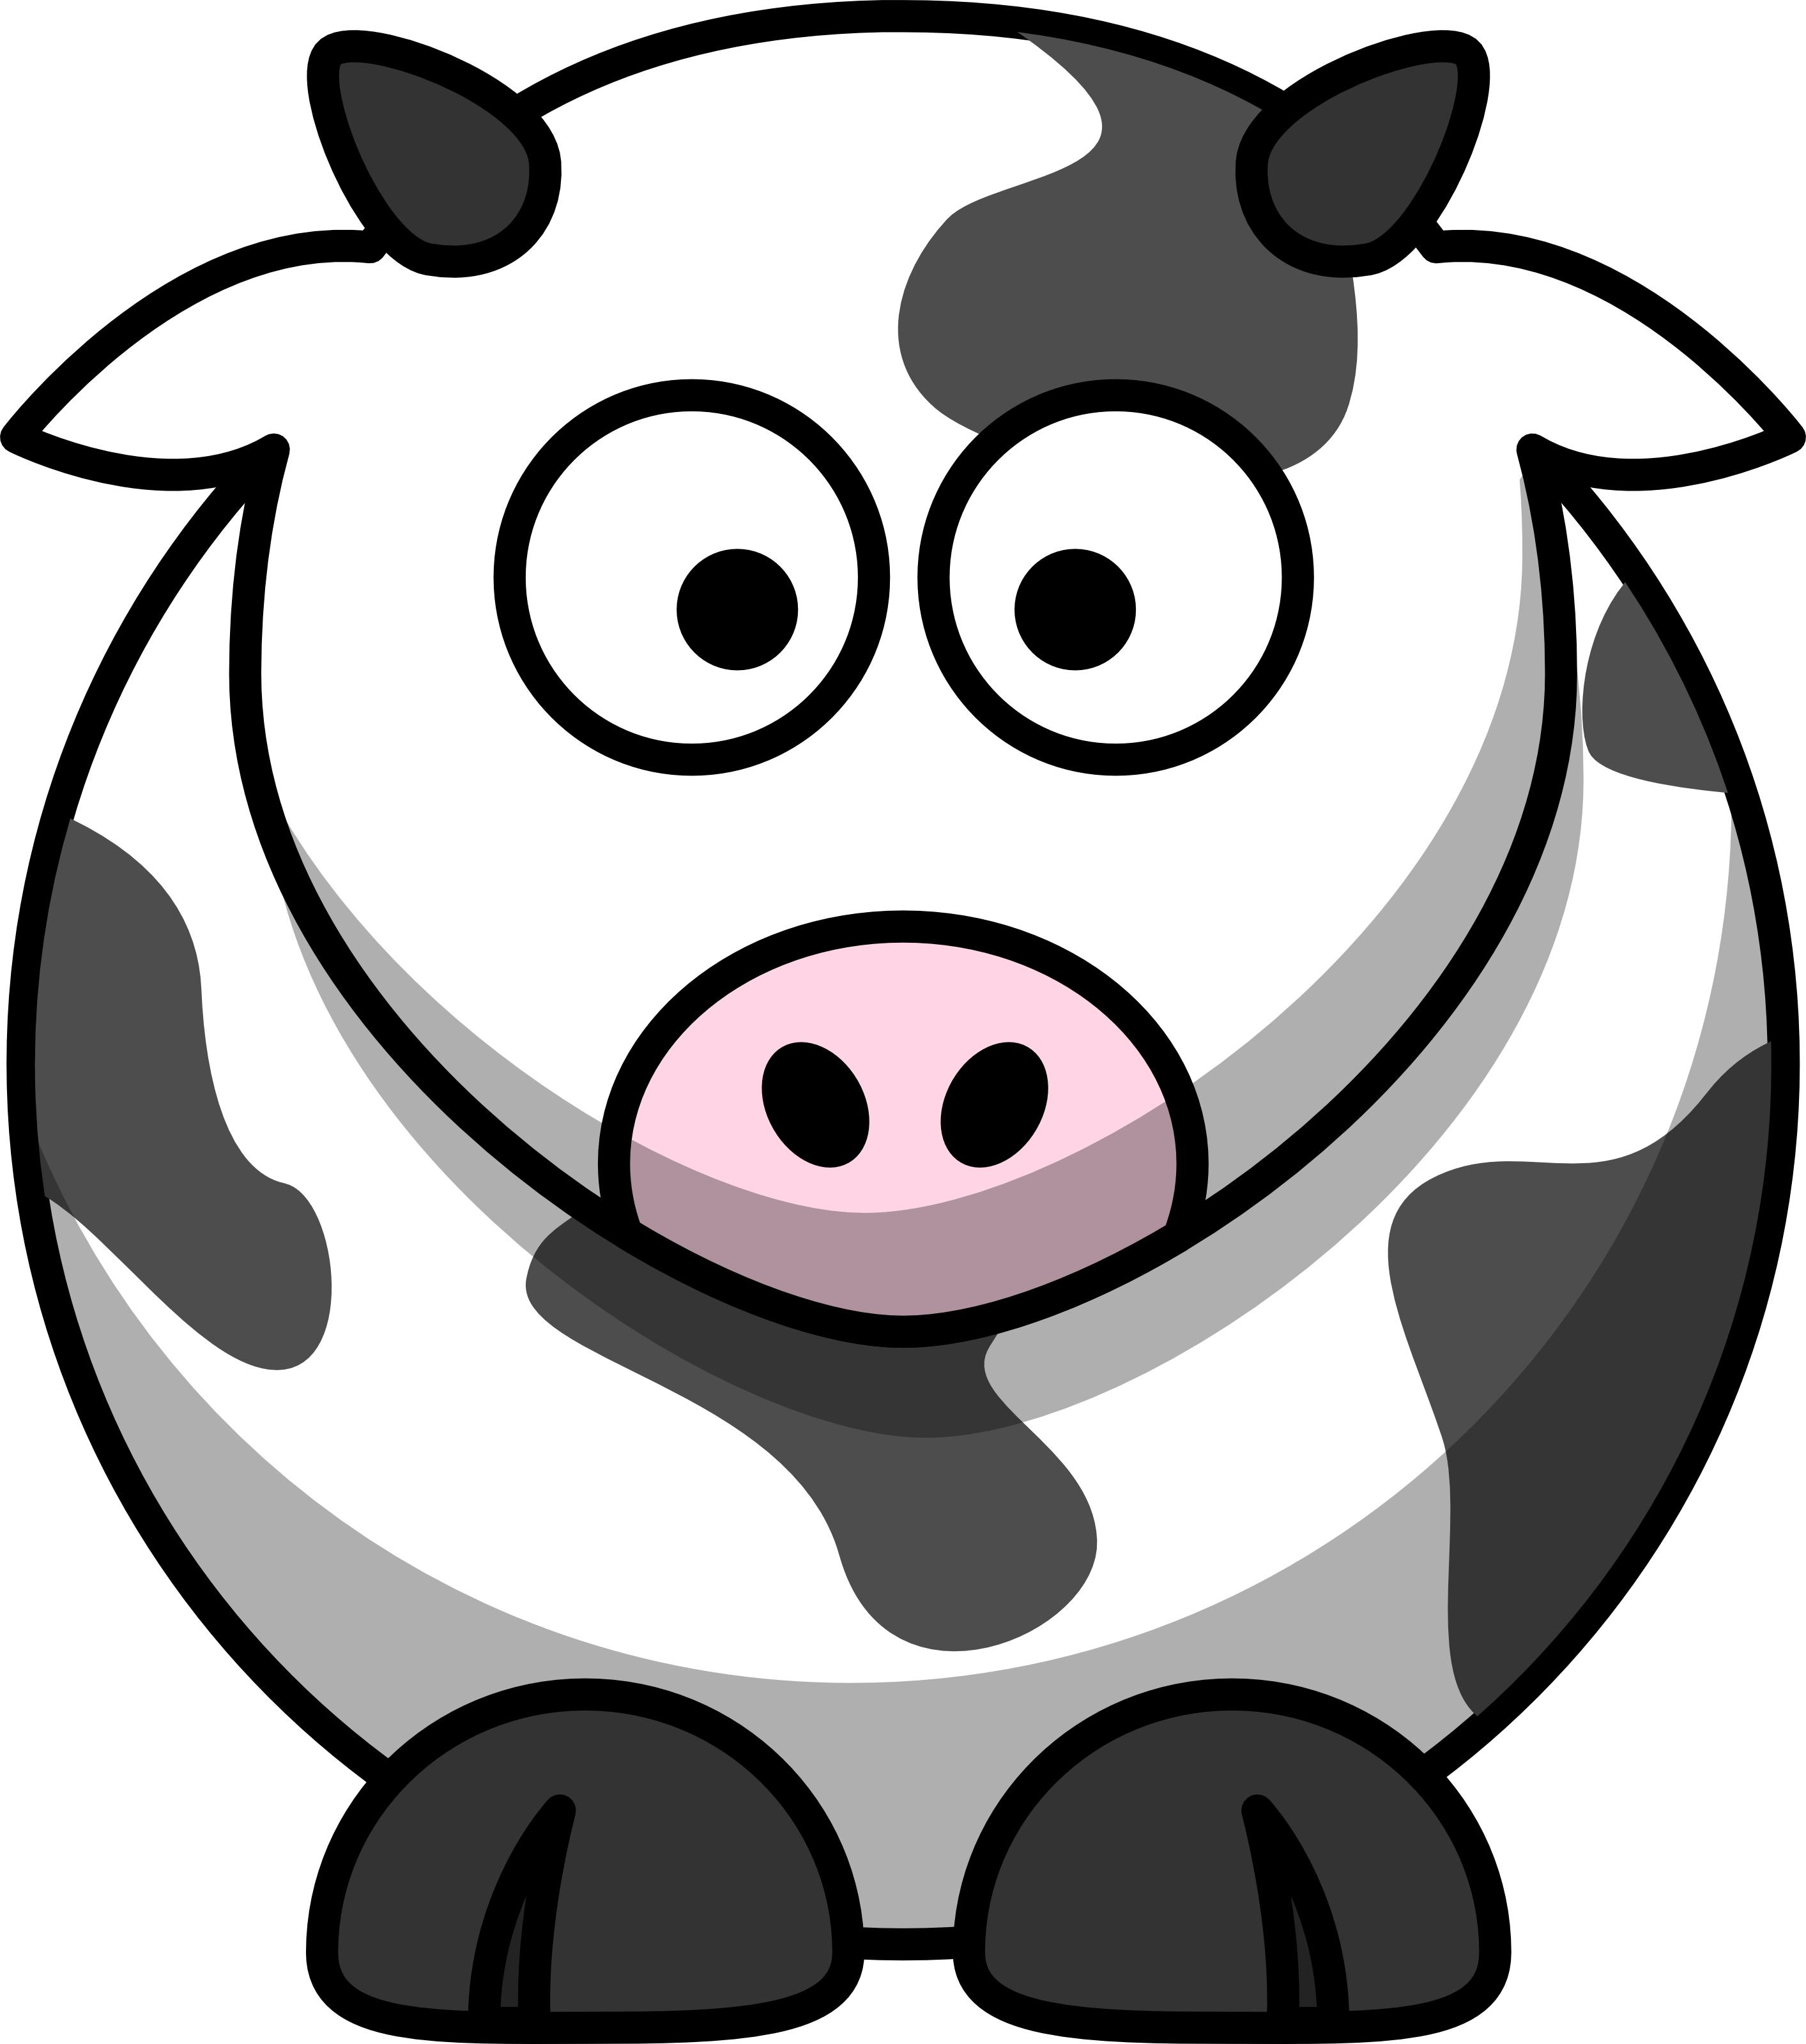 Cows clipart gambar. Free cartoon cow clip